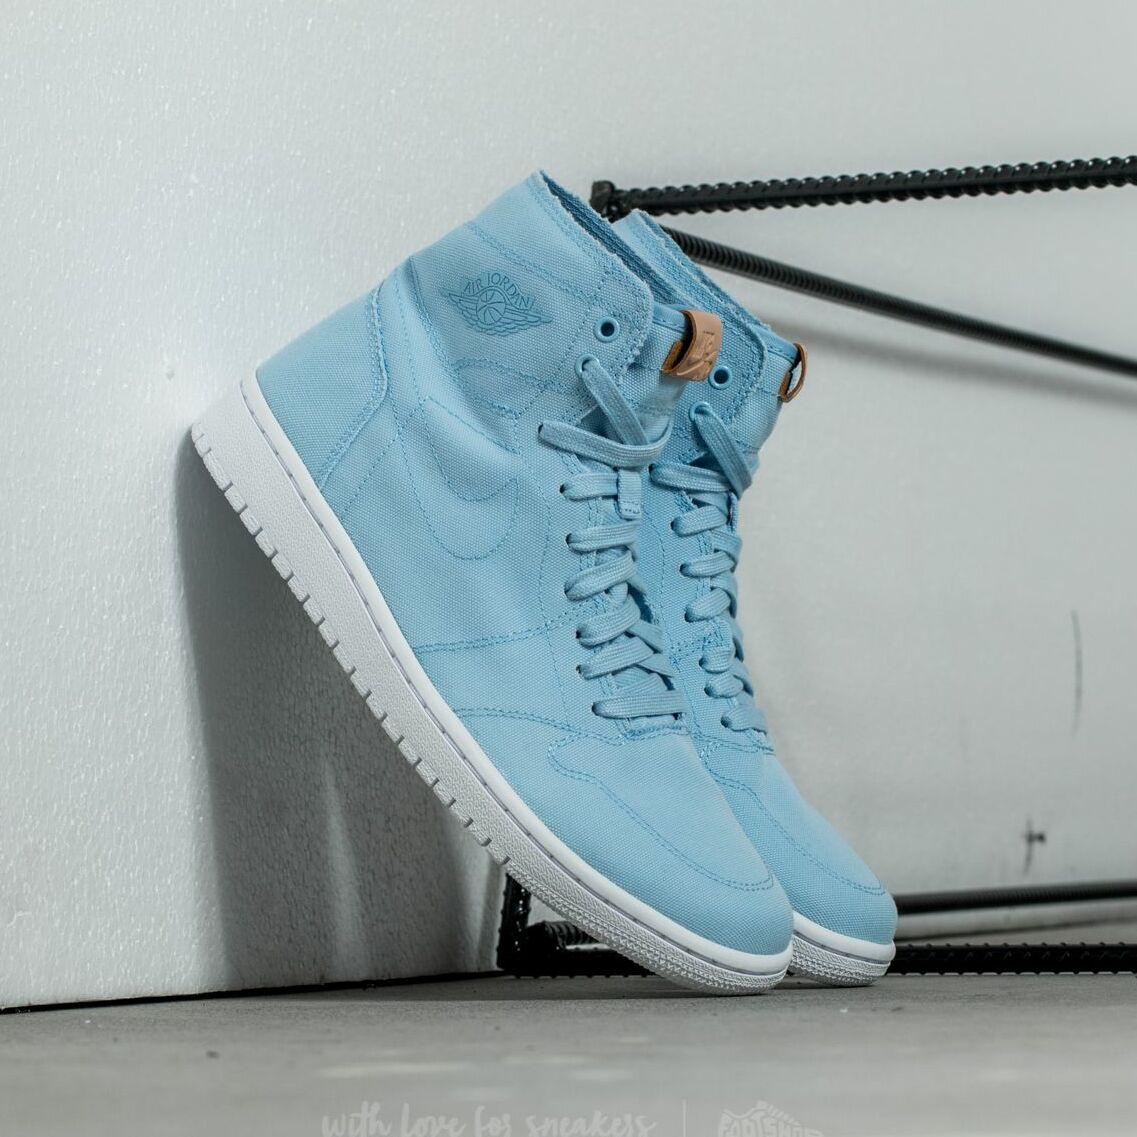 Air Jordan 1 Retro High Decon Ice Blue/ White-Vachetta Tan EUR 45.5